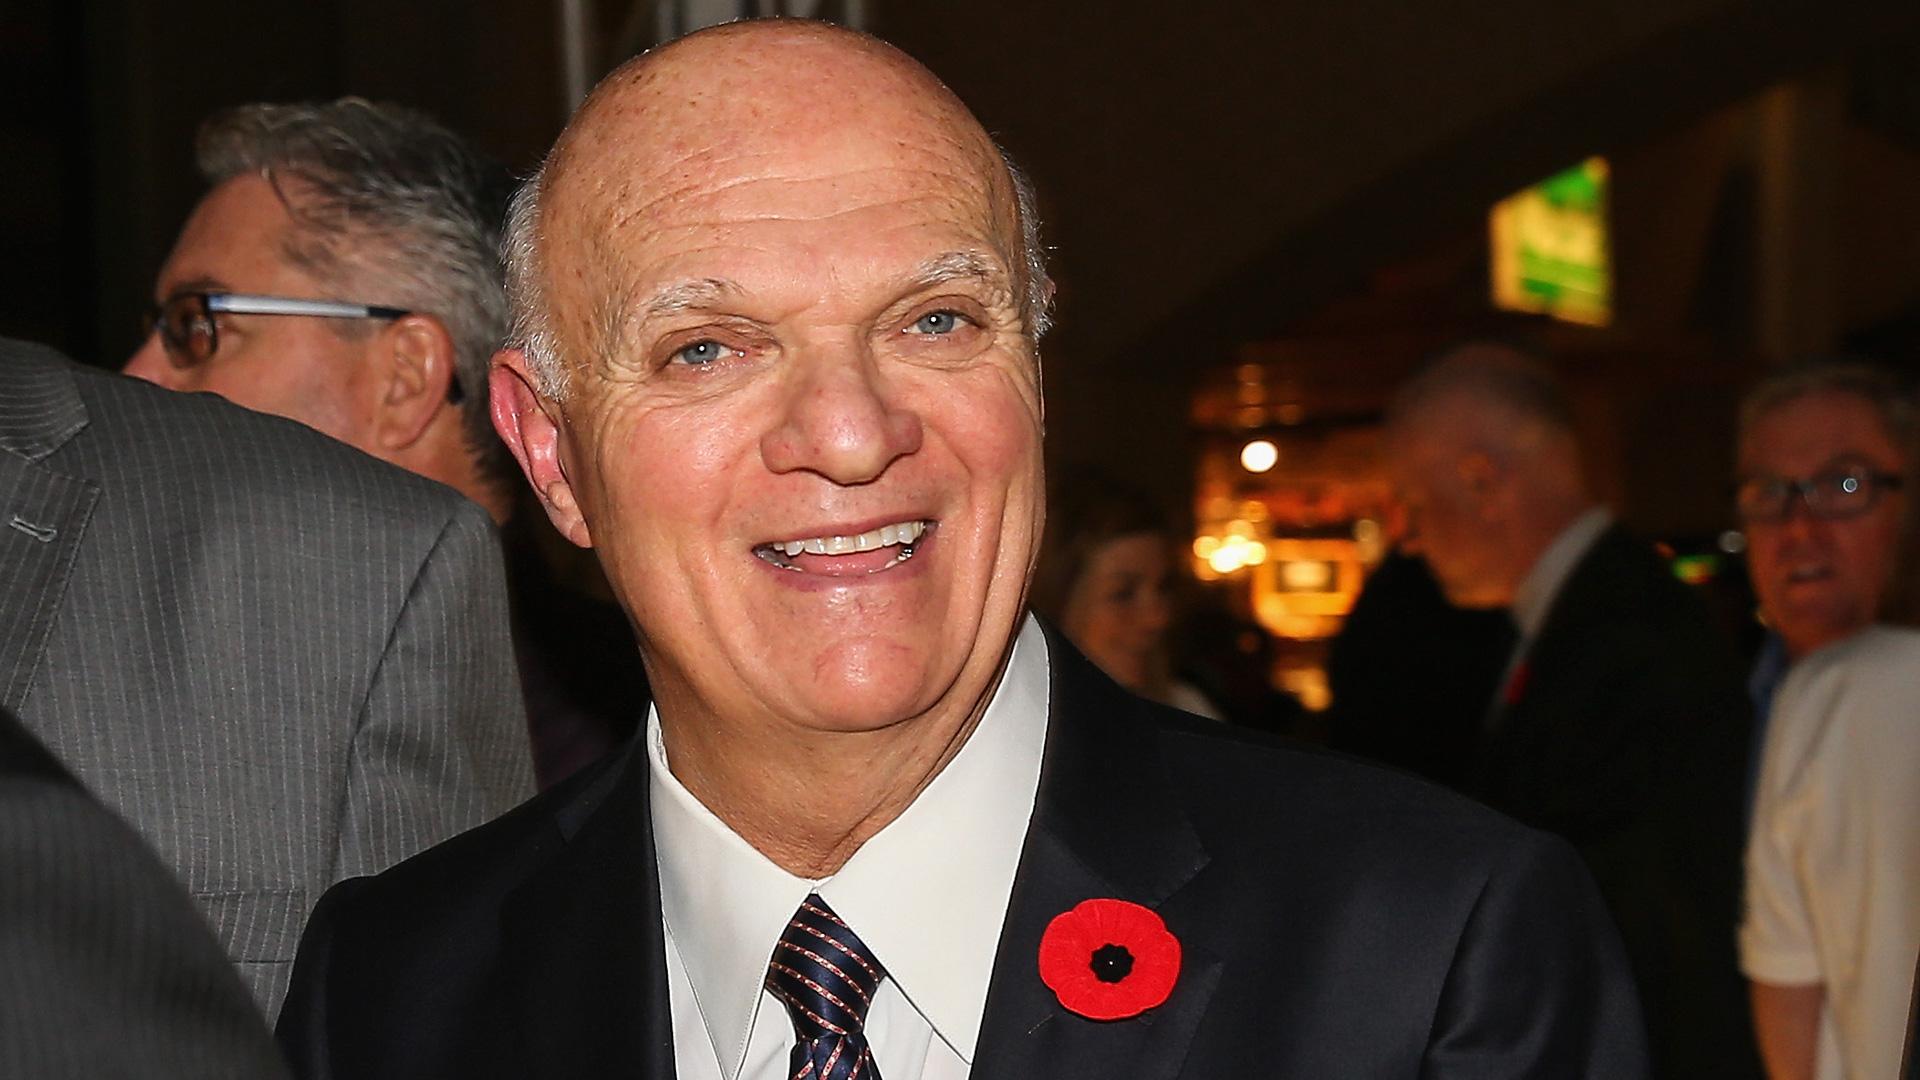 Anderson bounces back in Senators win over Maple Leafs